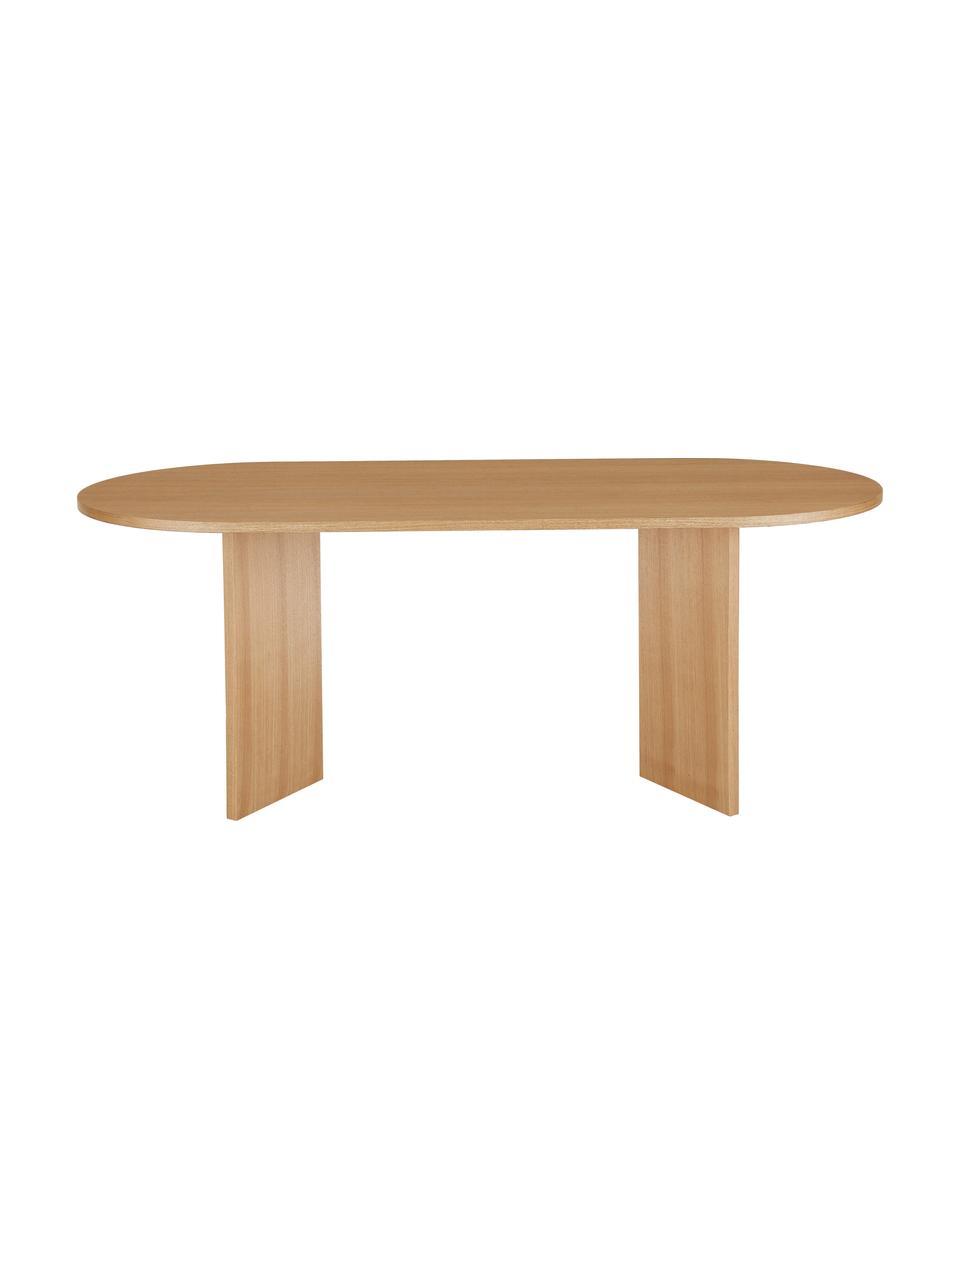 Owalny stół do jadalni z forniru z drewna jesionowego Joni, Płyta pilśniowa średniej gęstości (MDF) z fornirem z drewna jesionowego, lakierowana, Fornir z drewna jesionowego, S 200 x G 90 cm